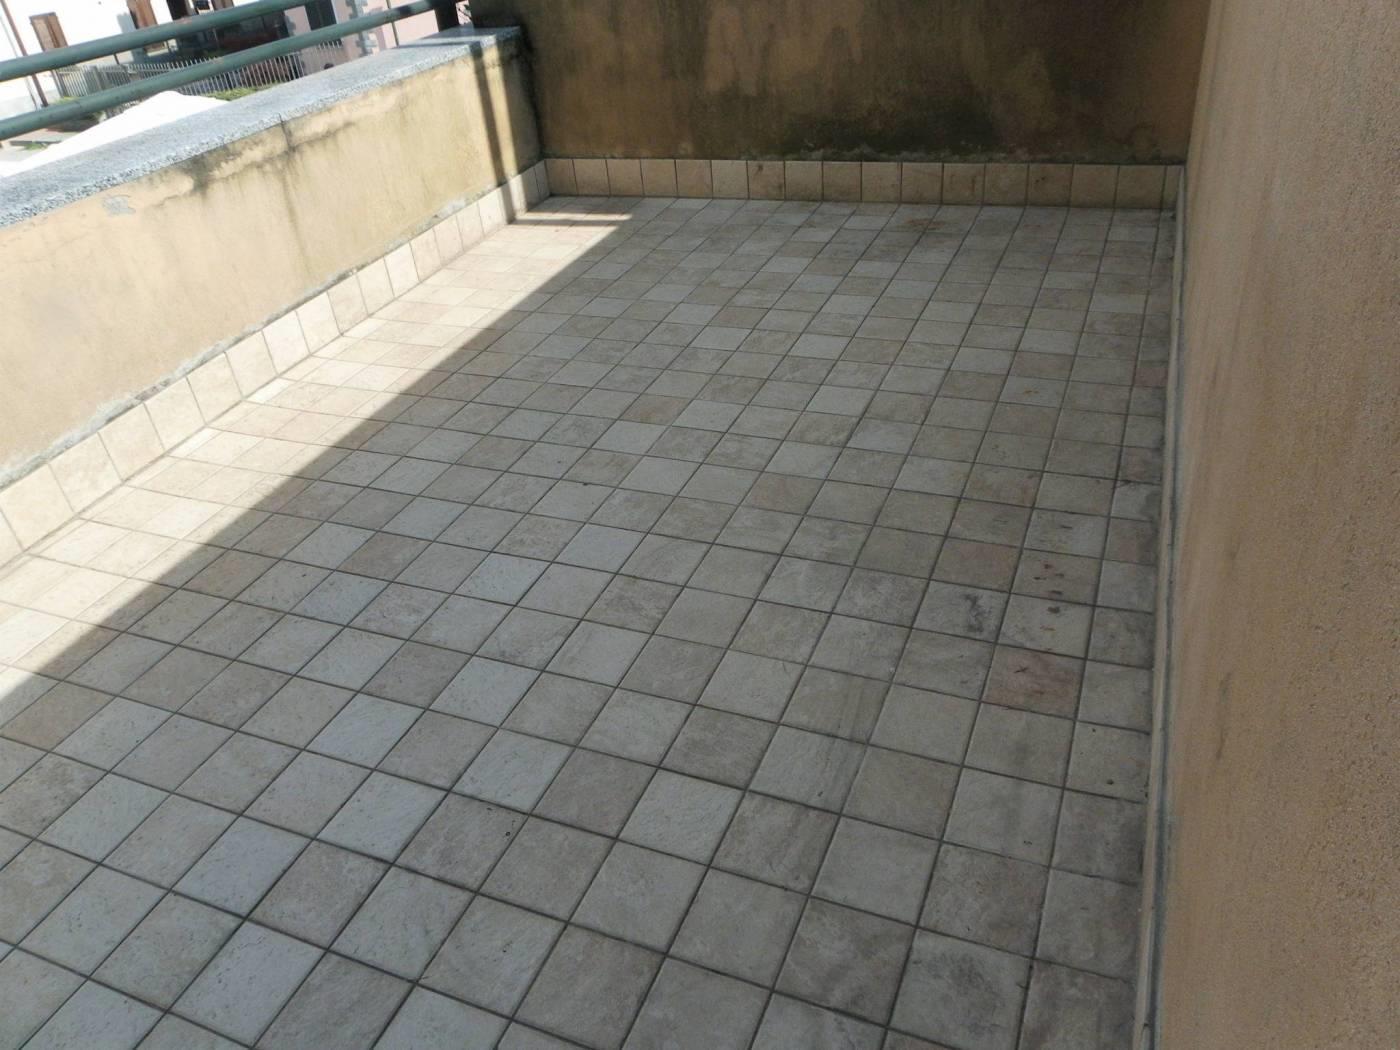 Foto 17 - Appartamento in Vendita - Mezzago (Monza e Brianza)